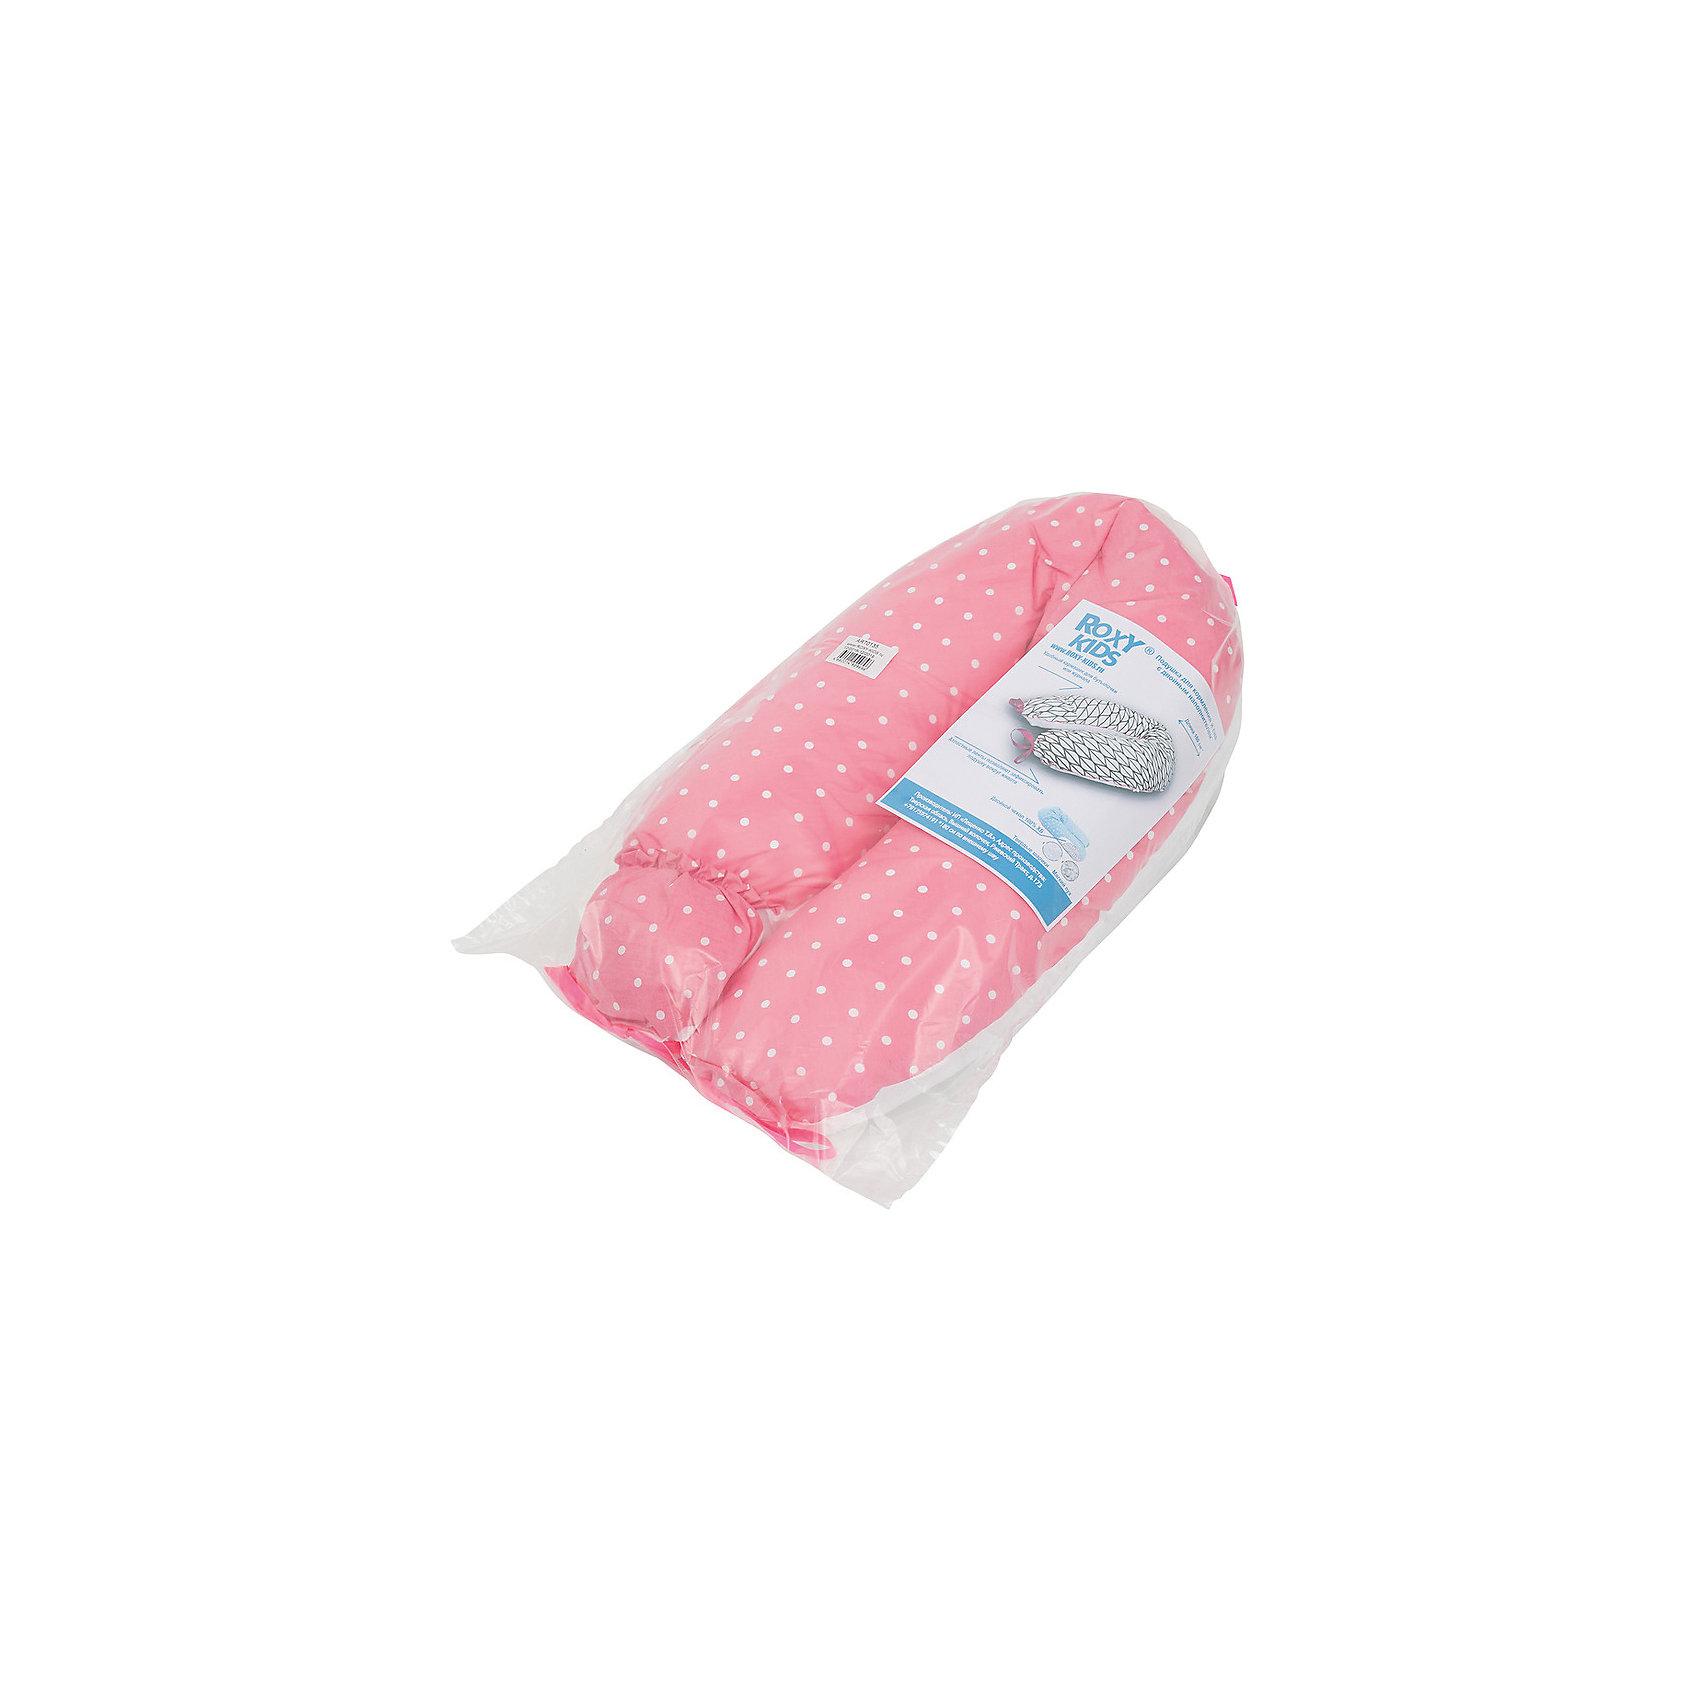 Подушка для беременных Премиум, наполнитель холлофайбер+шарики, кармашек+завязки, Roxy-Kids